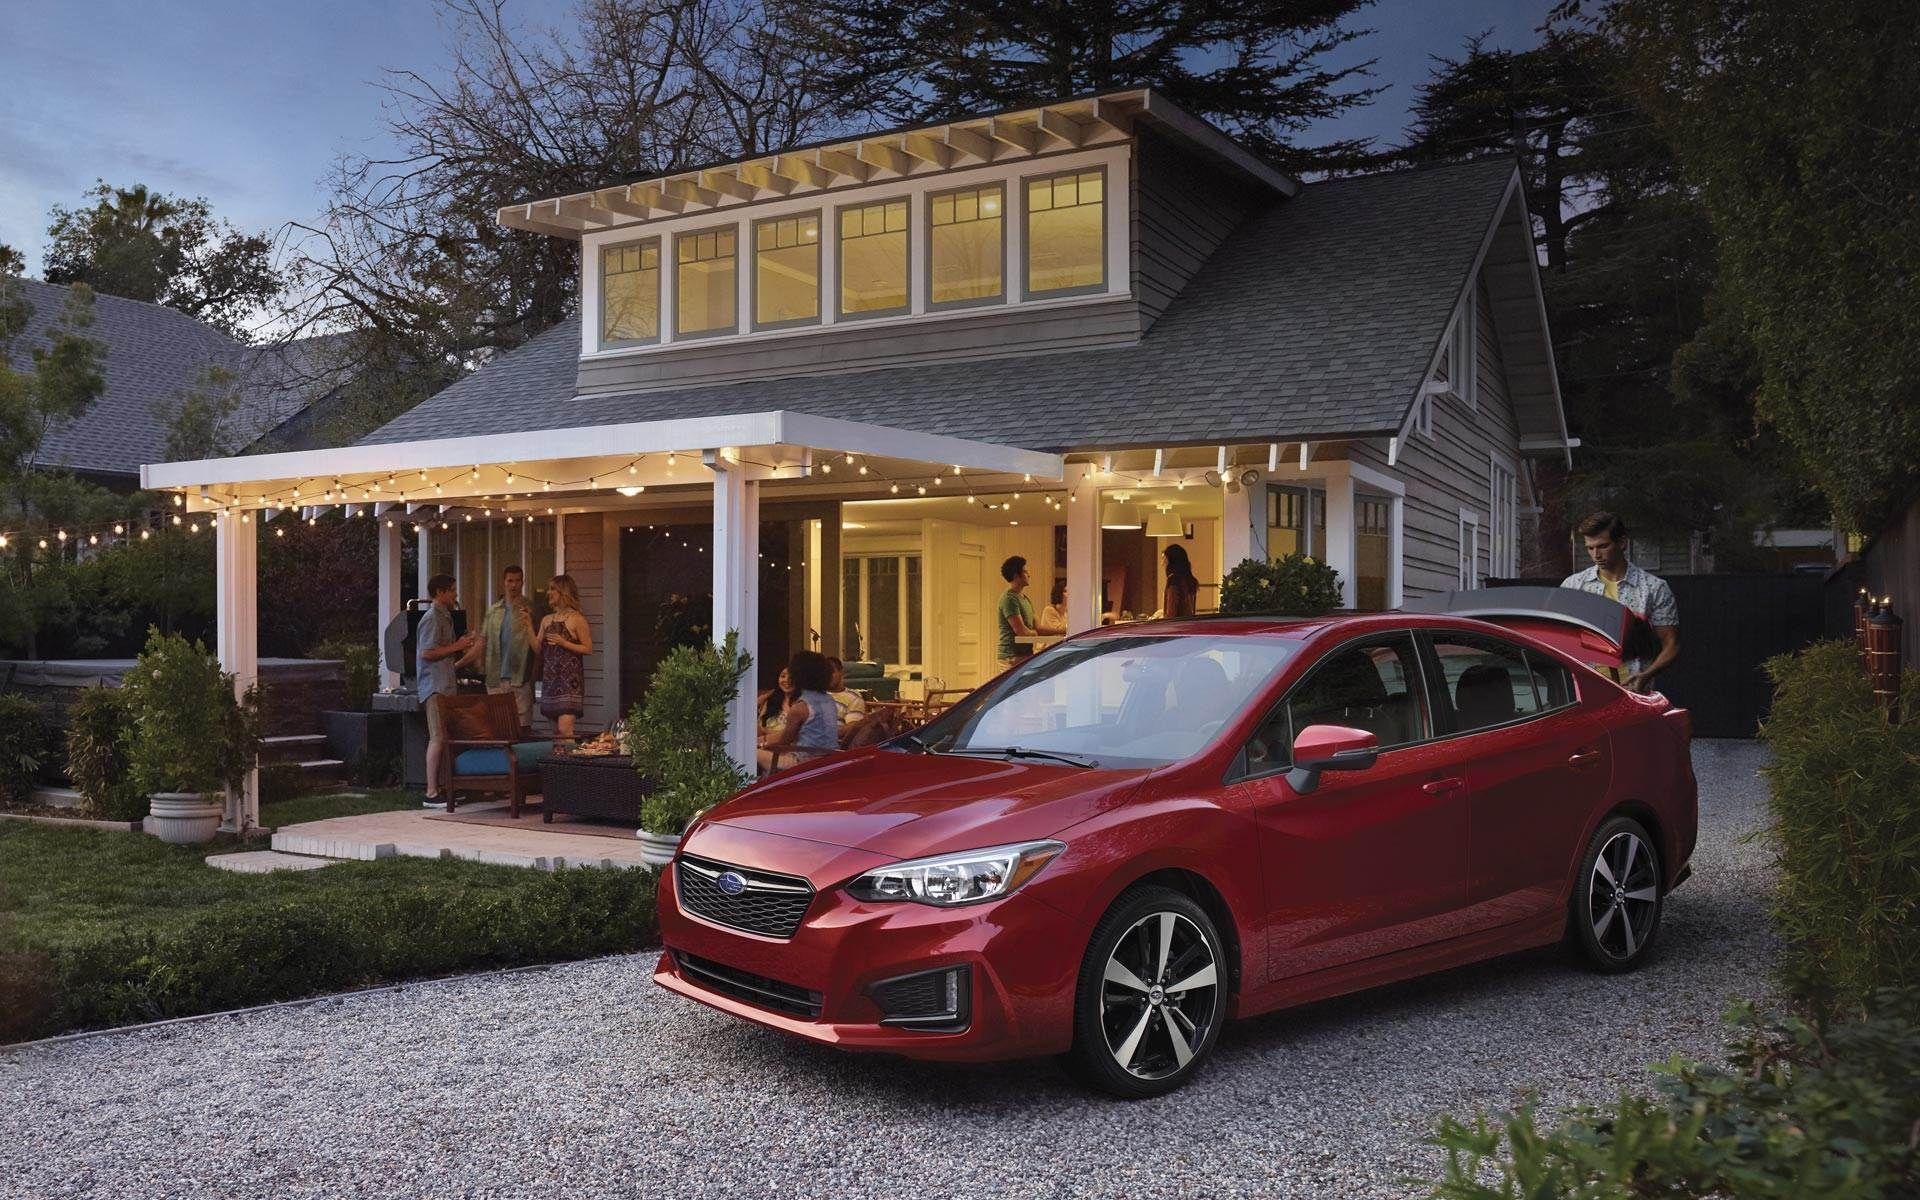 2017 Subaru Impreza Subaru Impreza Sedan Subaru Impreza Subaru Cars